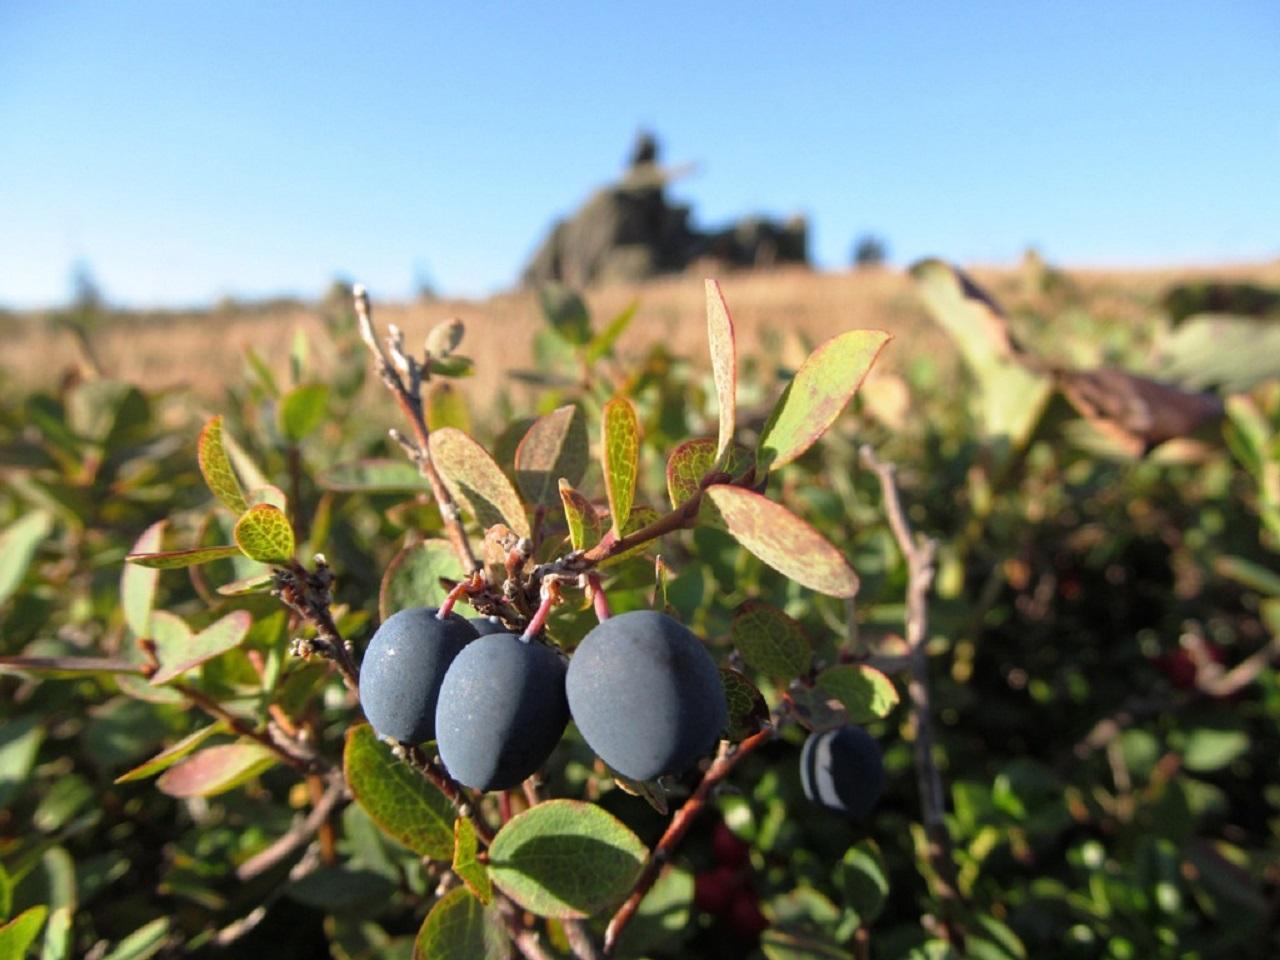 Земля вся синяя: в горах Челябинской области созрели тонны голубики